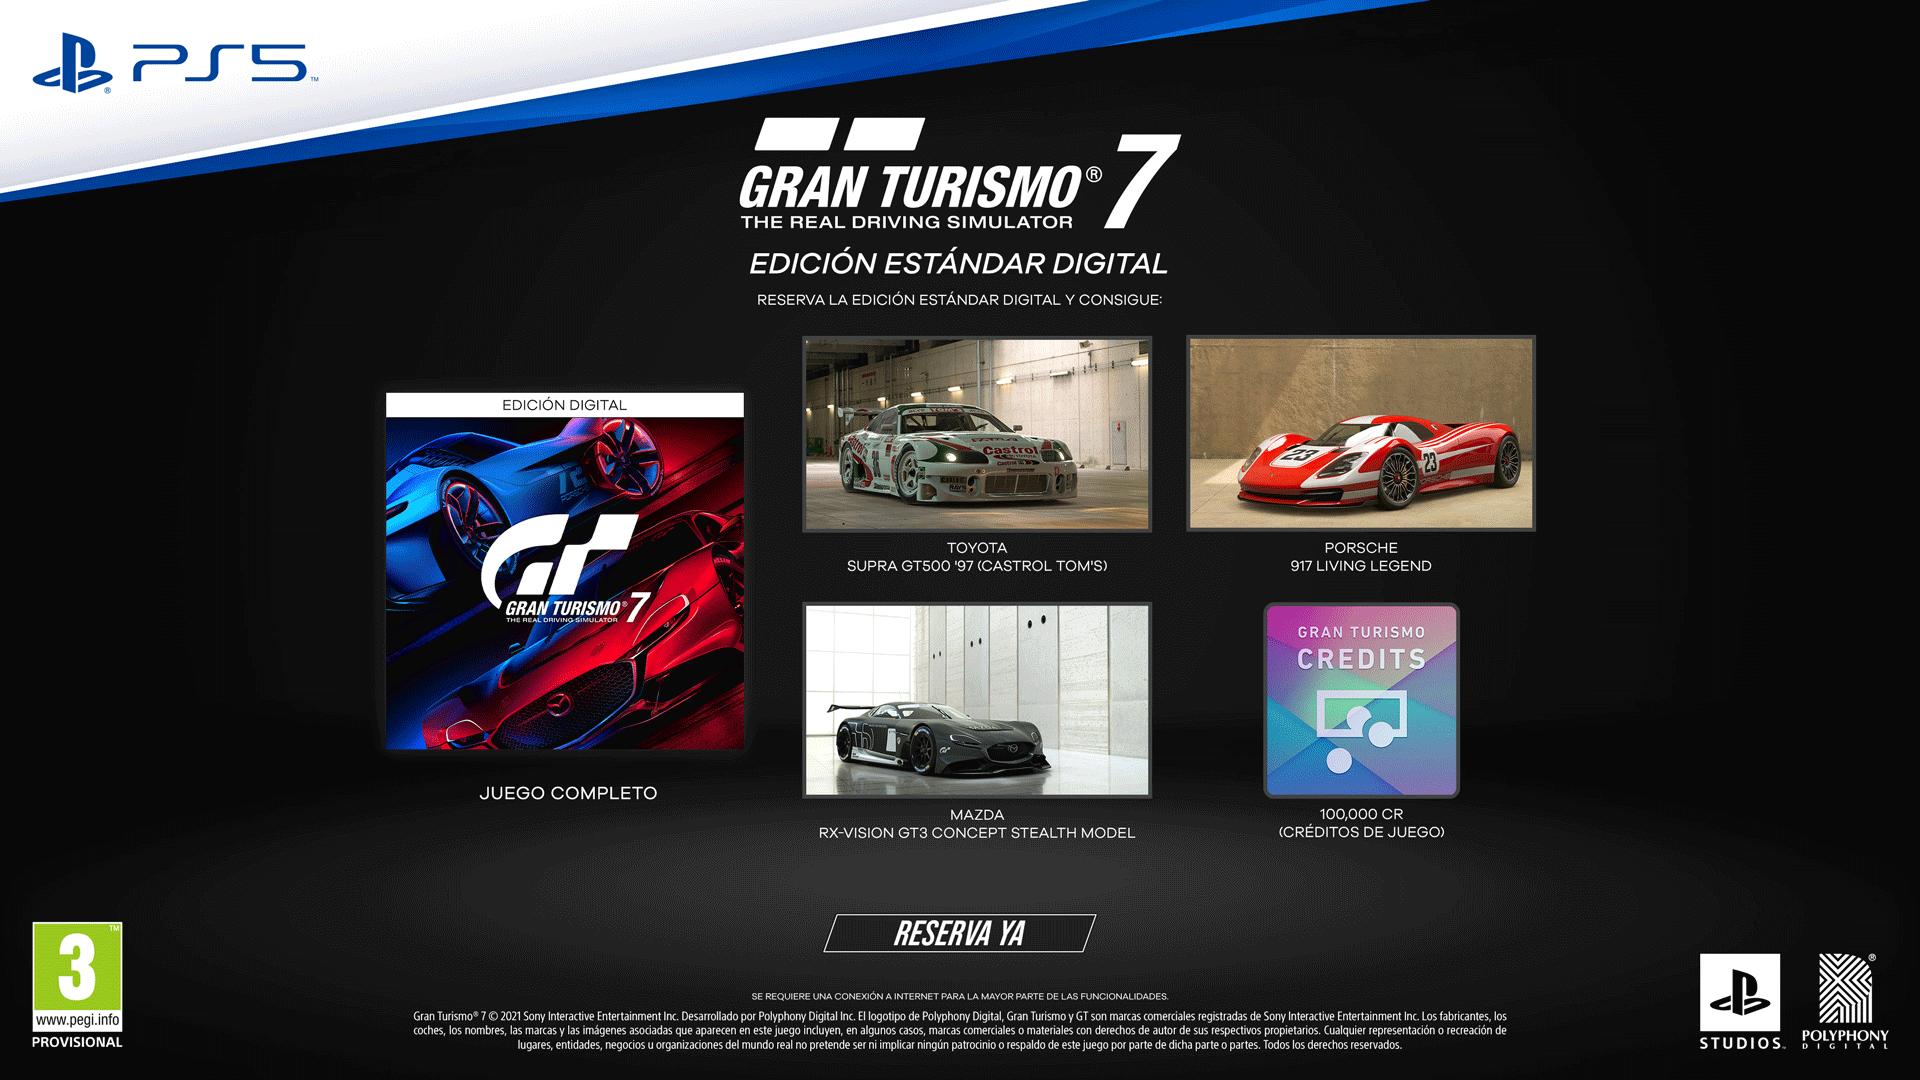 Gran Turismo 7 detalla sus ediciones físicas, digitales, precio y más